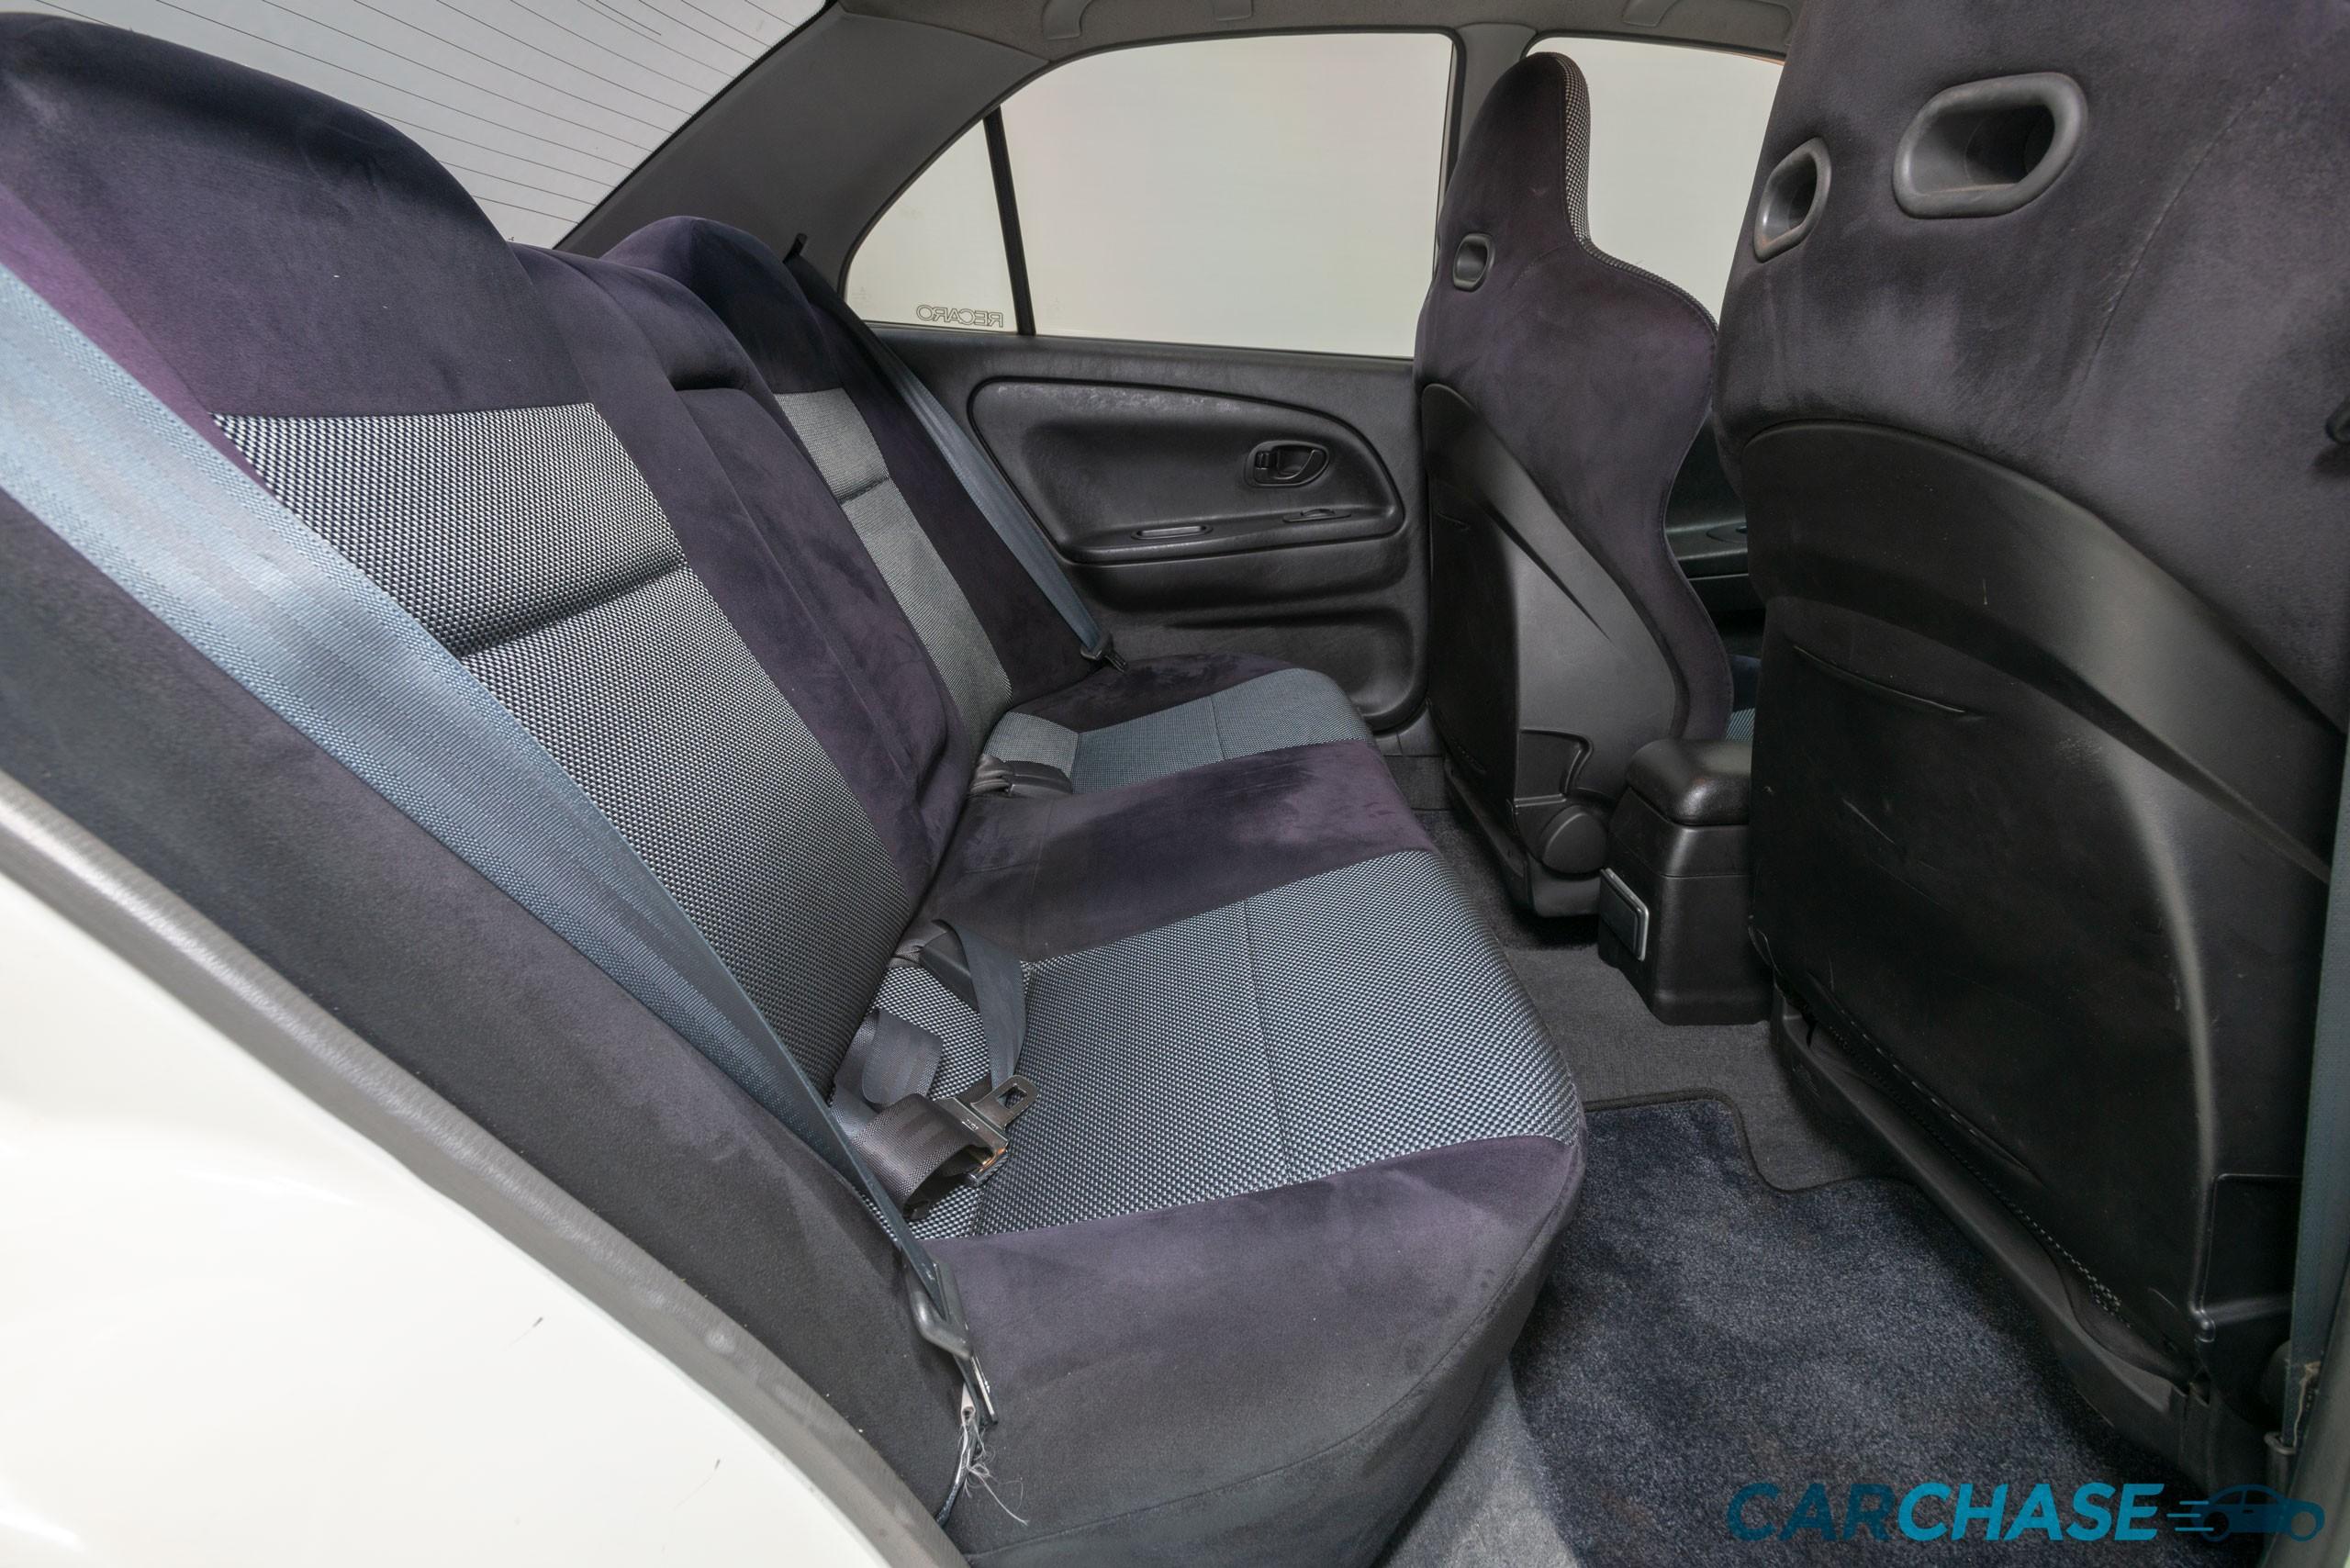 Image of driver rear profile of 1998 Mitsubishi Lancer Evolution V